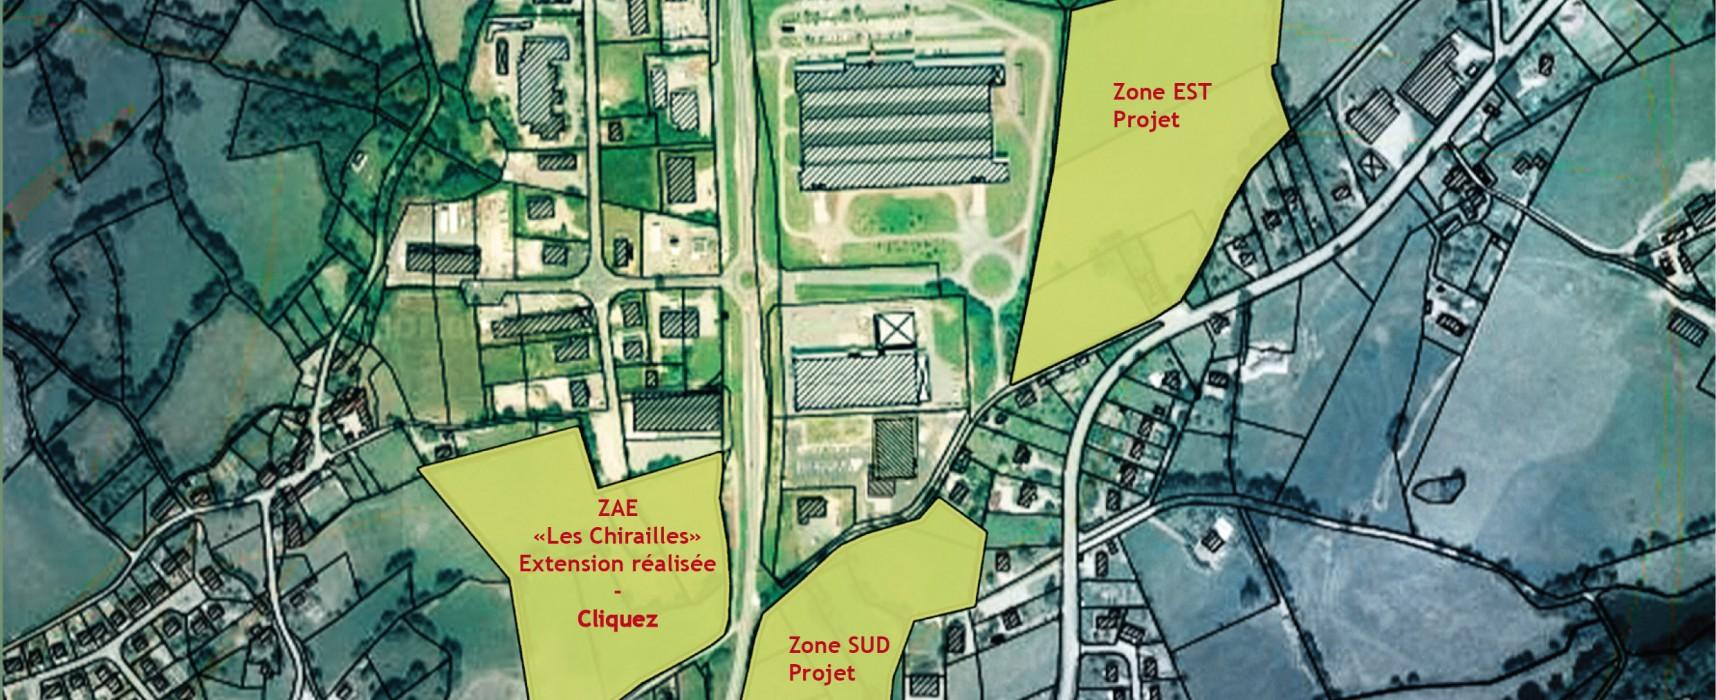 [Projet réalisé] ZAE*  Zone du Mont «Les Chirailles»